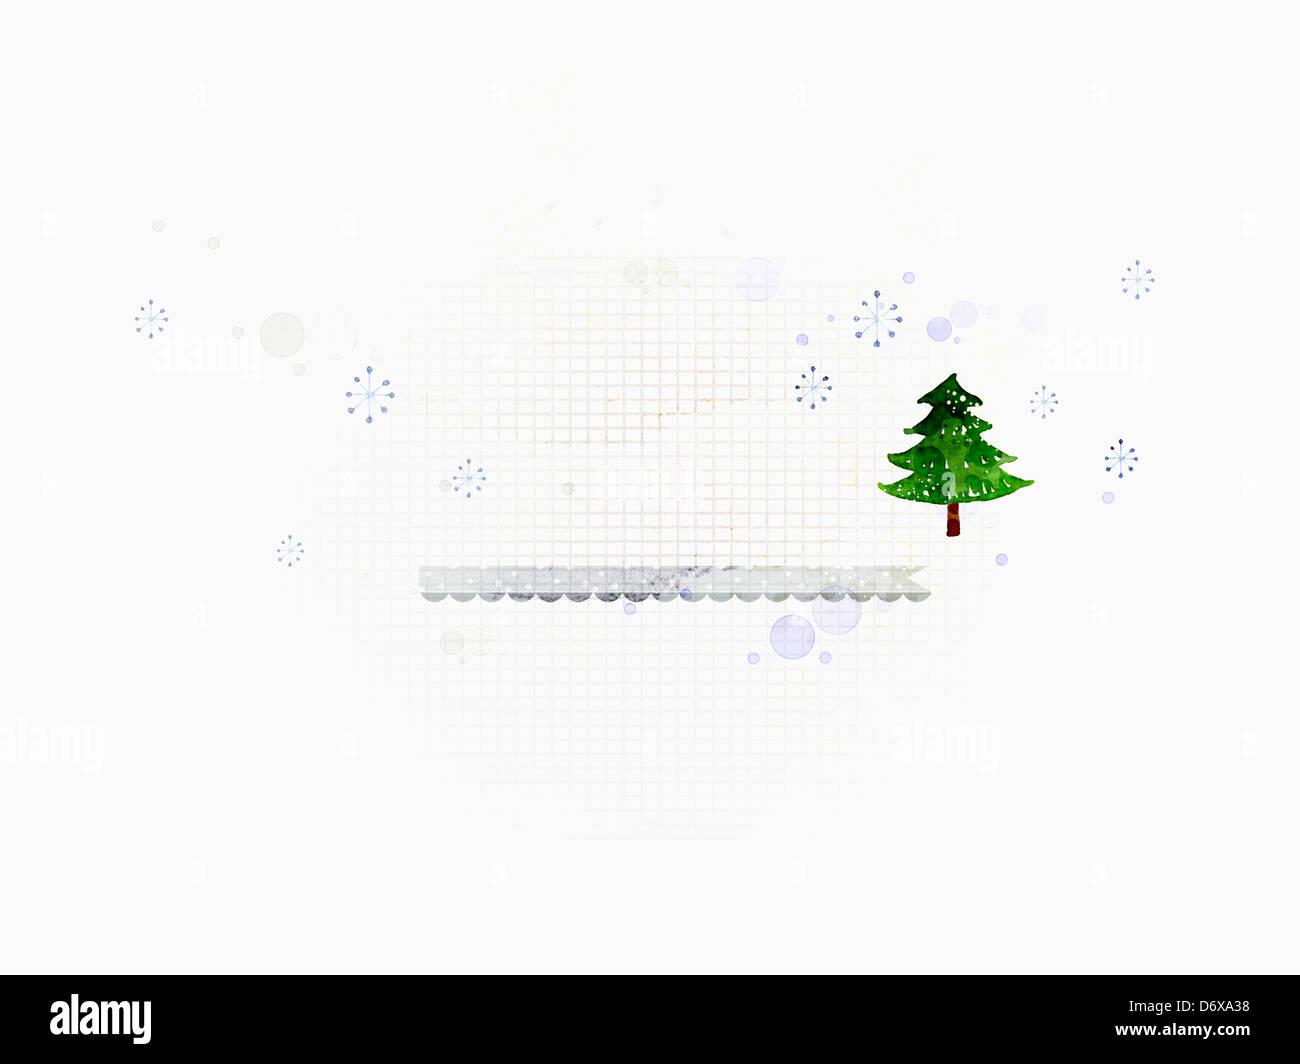 Vistoso Plantilla De Navidad Ppt Friso - Ejemplo De Currículum ...